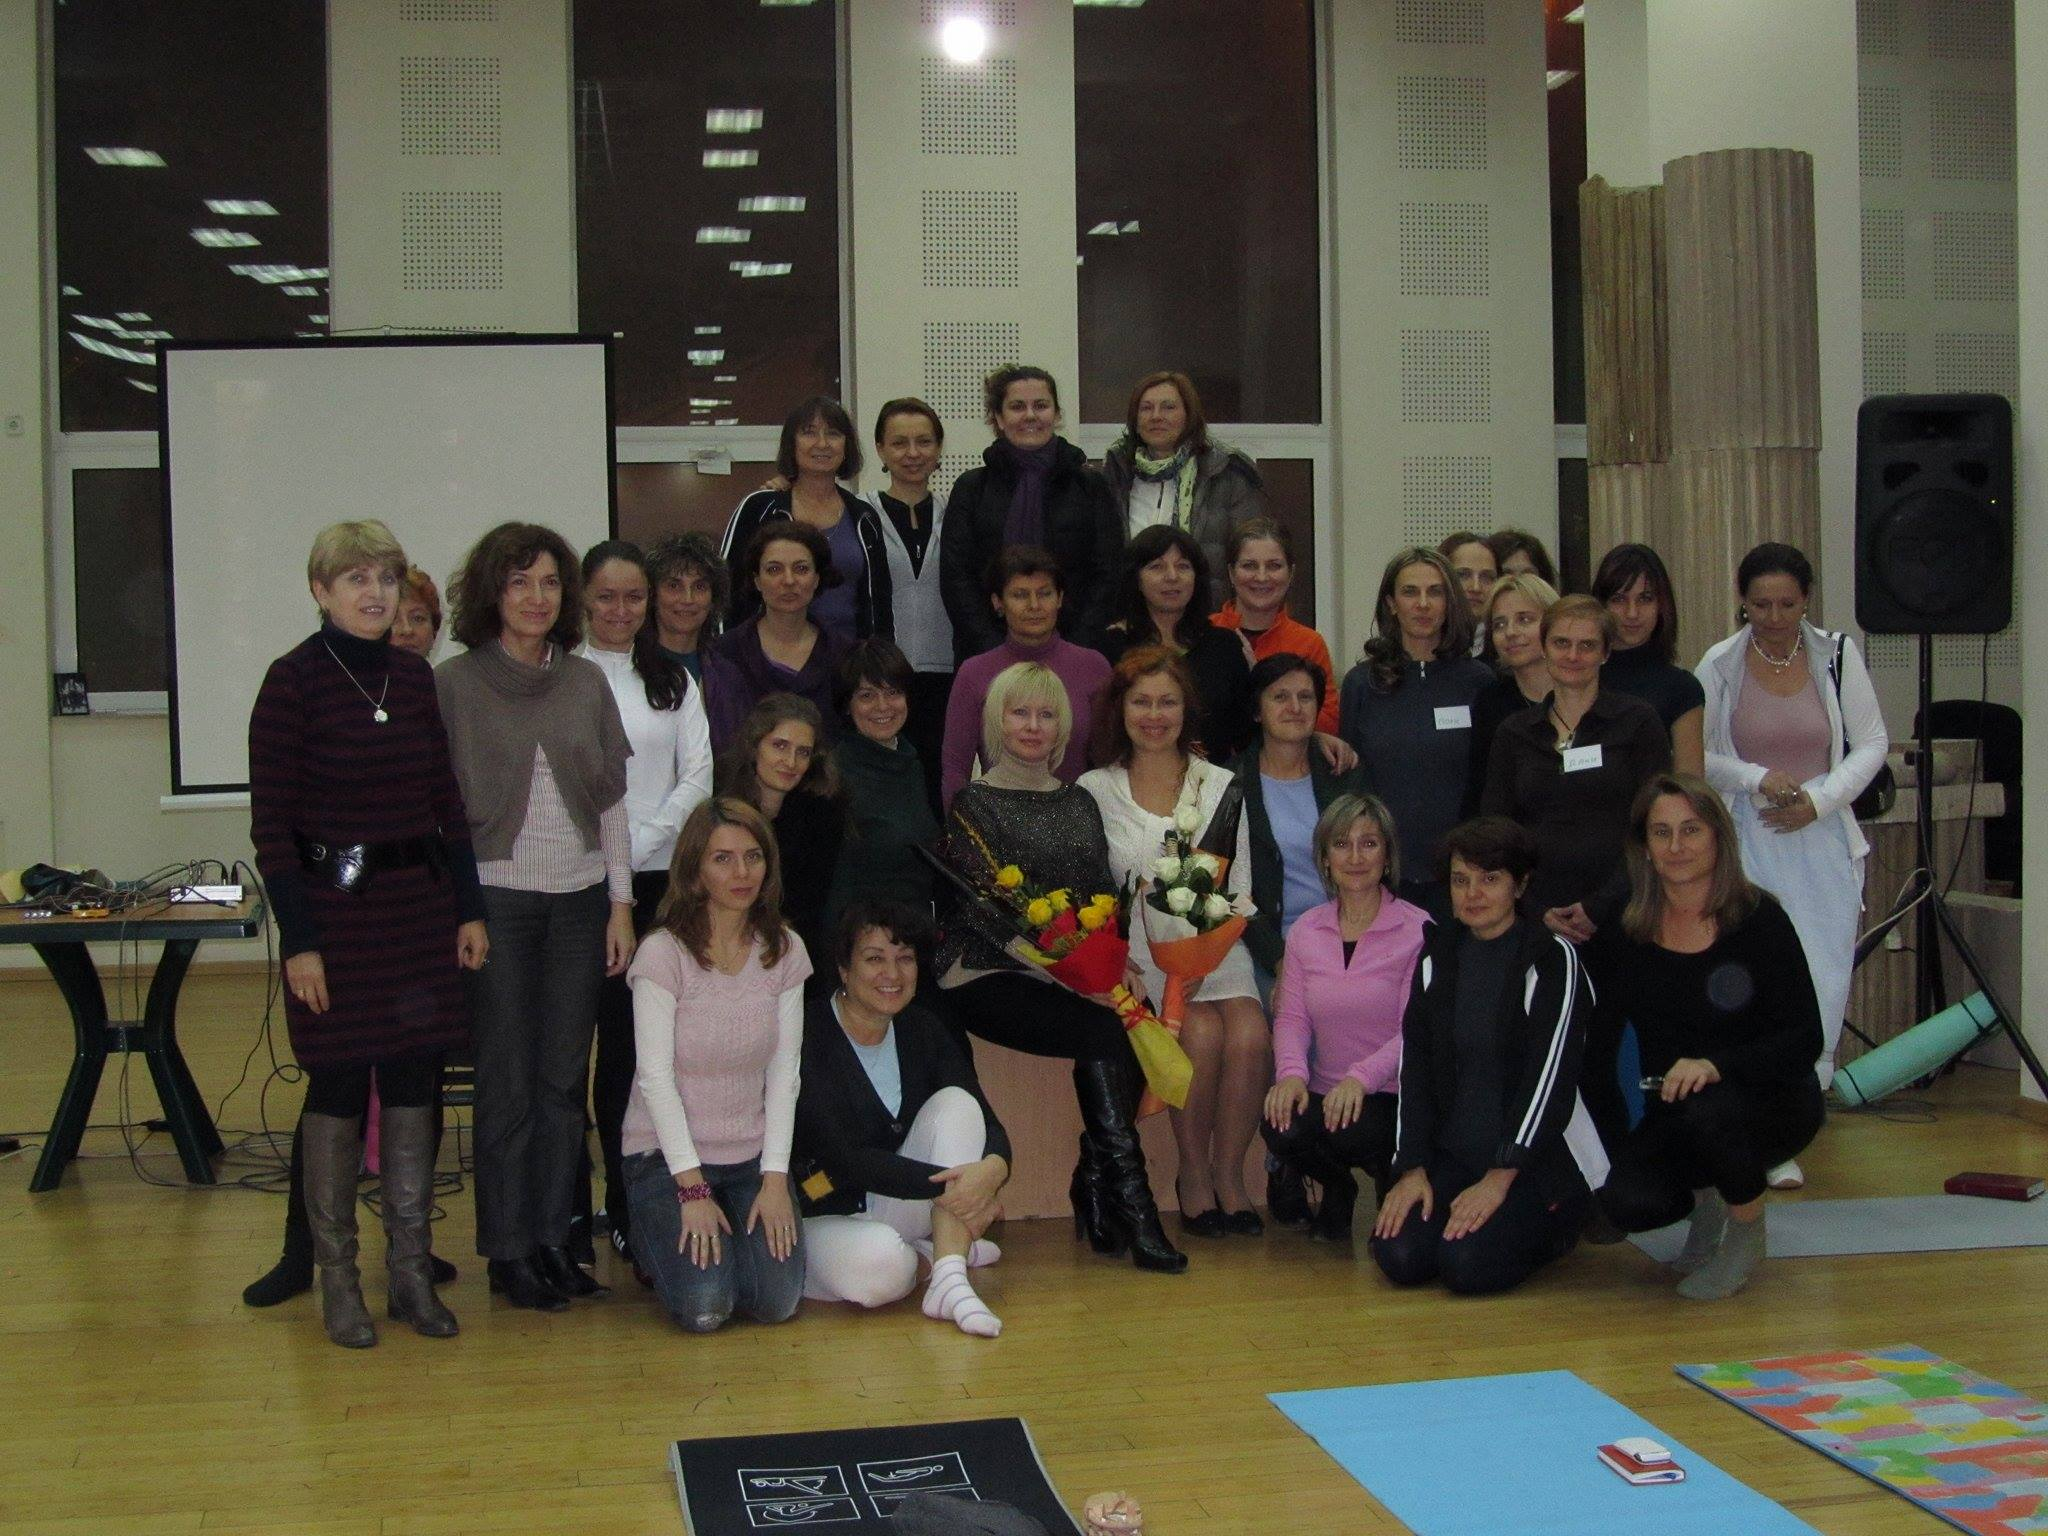 Първи семинар по САТ в България с Дария Ларина и Ирина Тихомирова София, ноември 2011г.